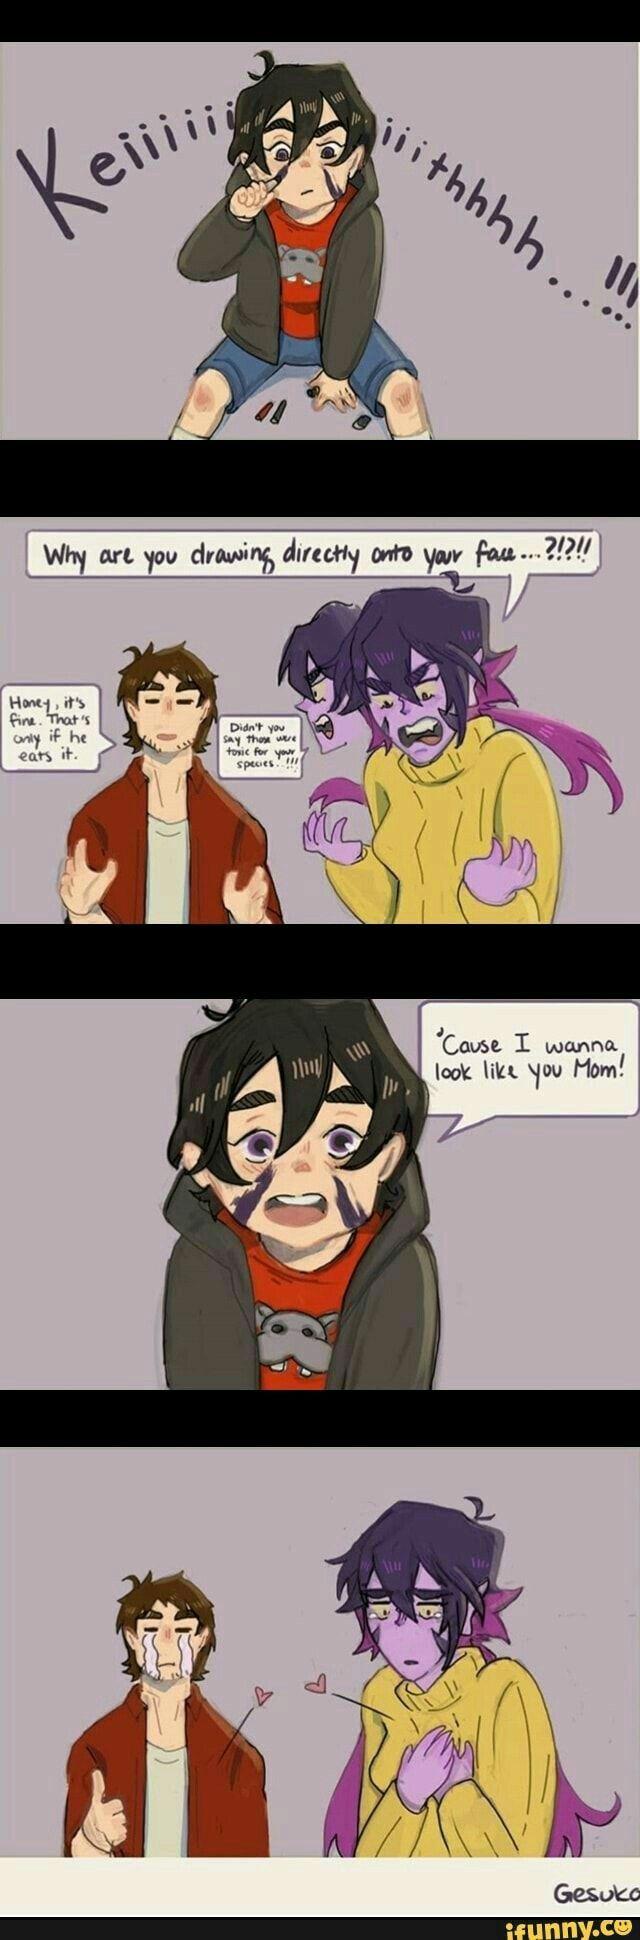 gay kids anime